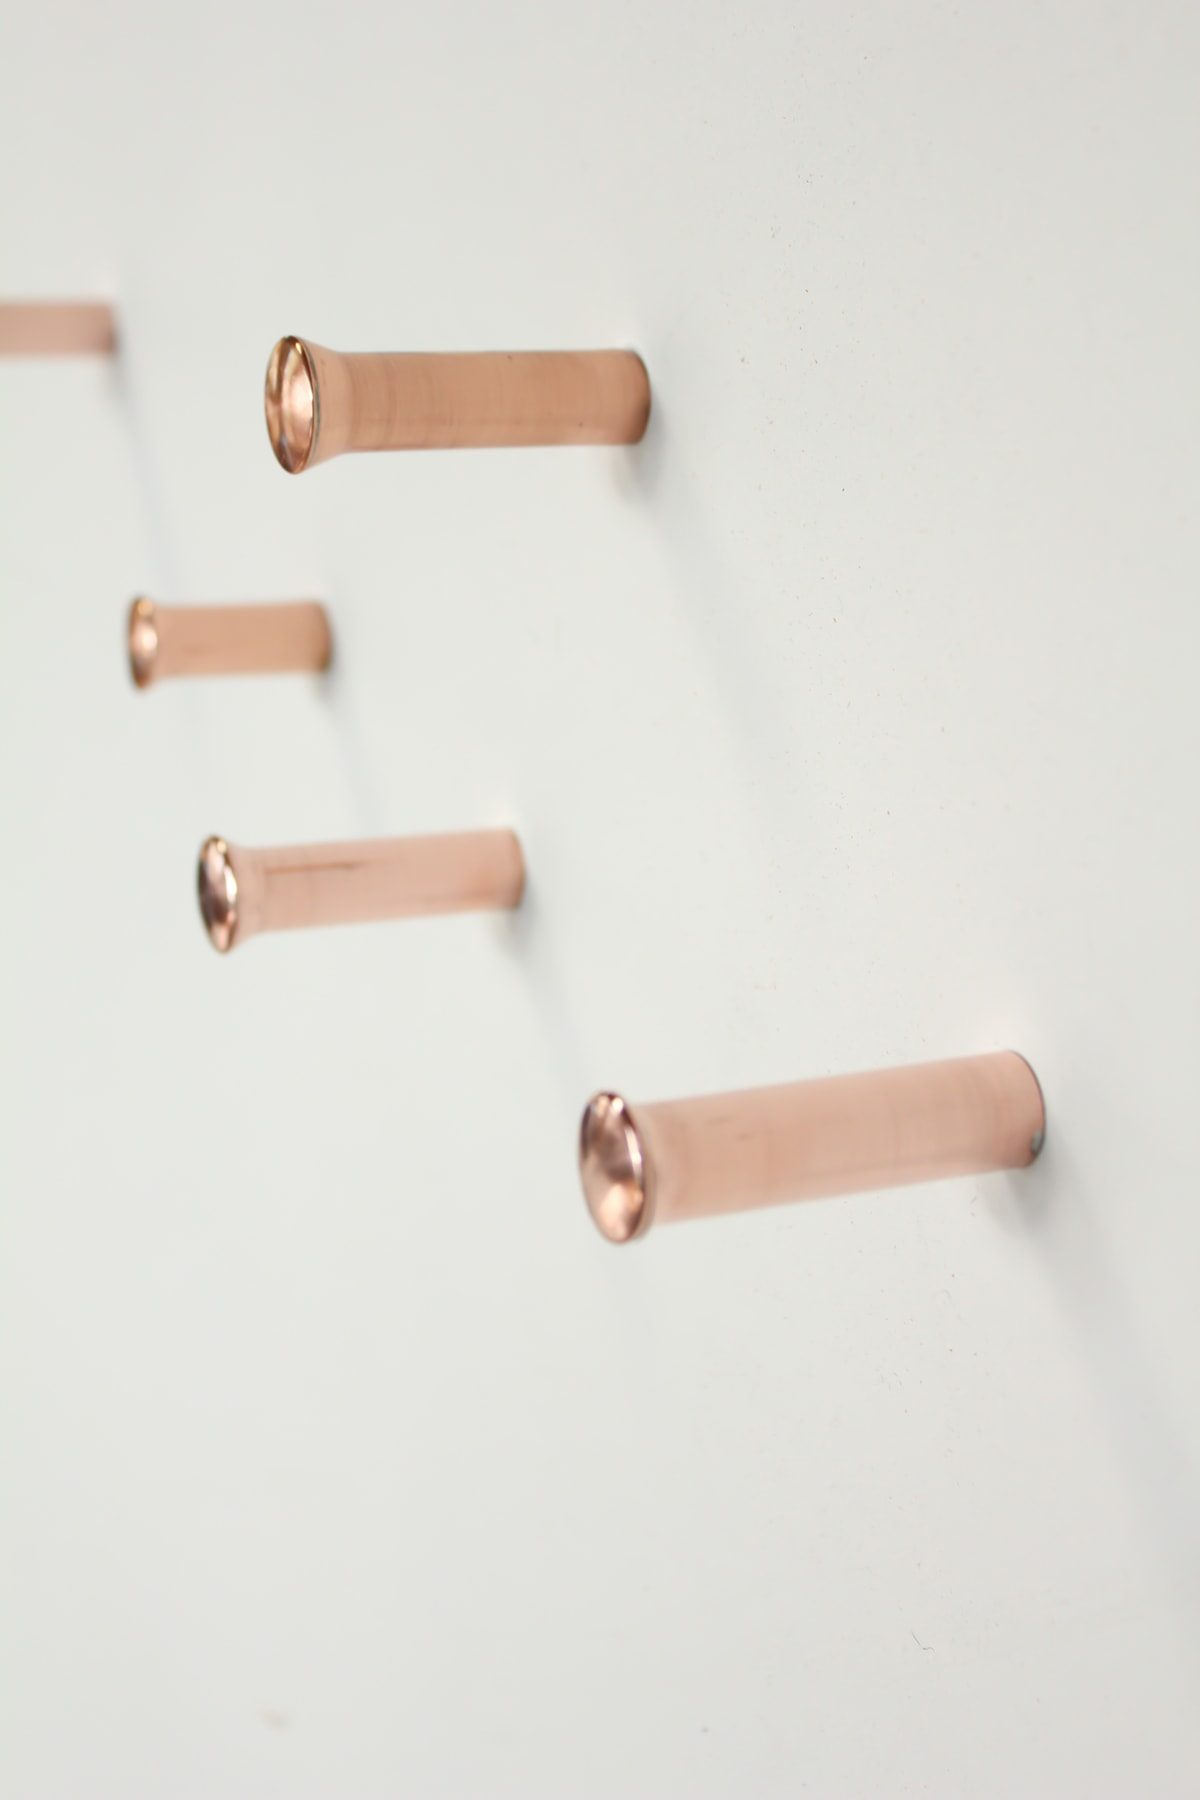 copper-hooks-maxlipsey-vij5-haken-koper-gimmii-min